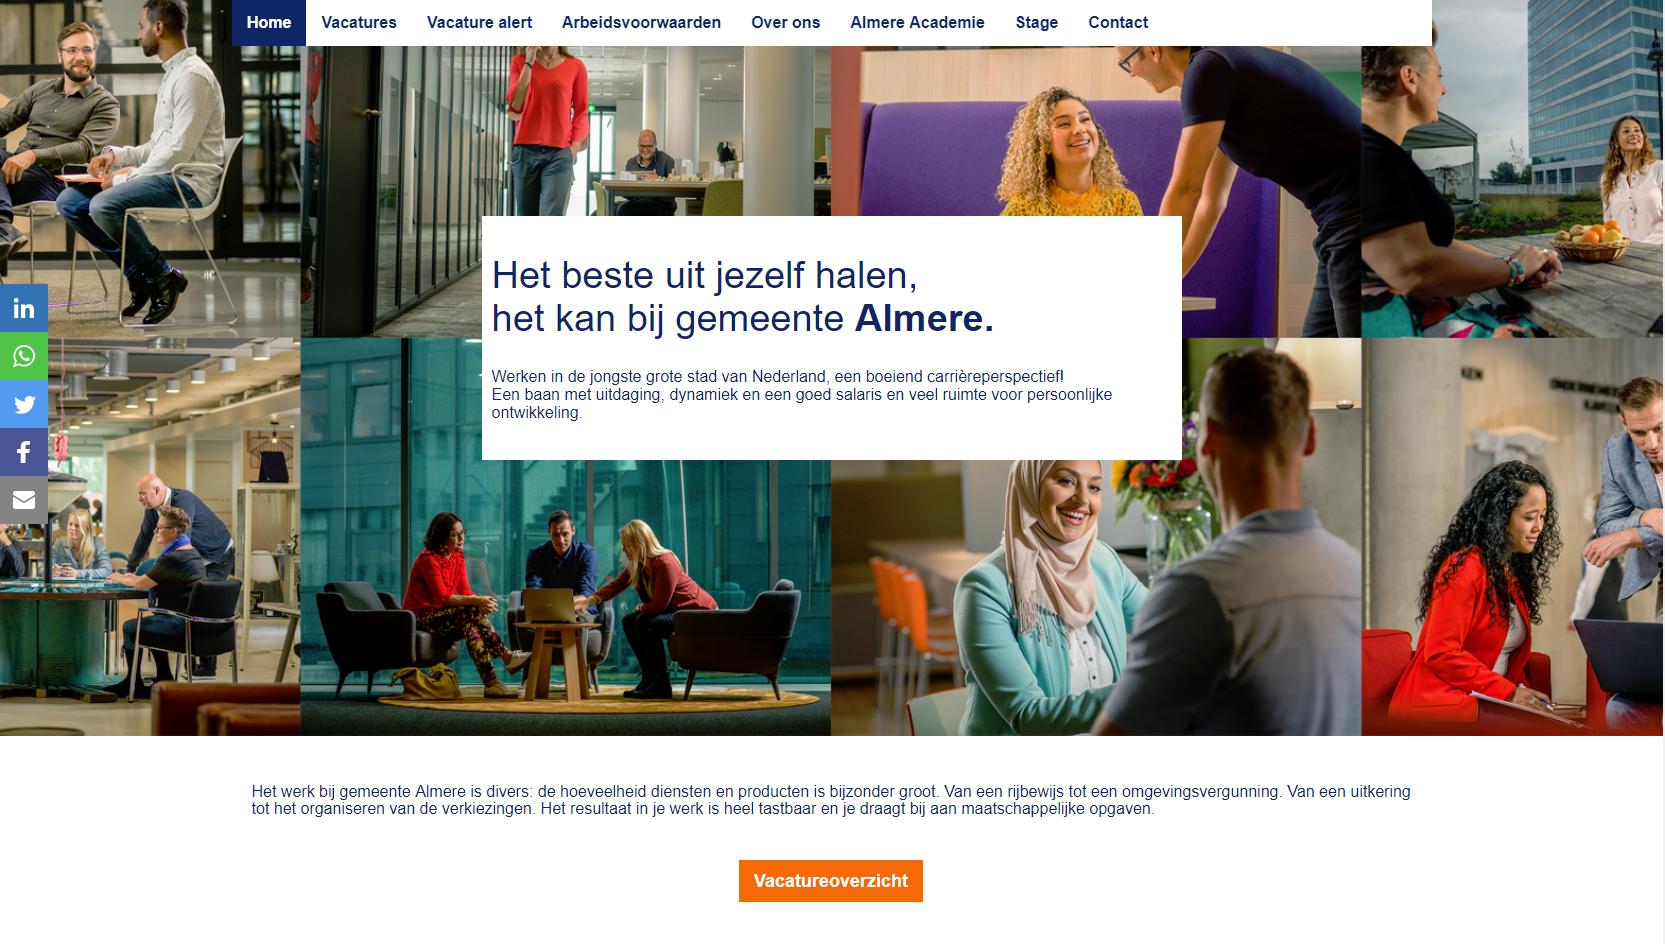 De werken bij site van Almere